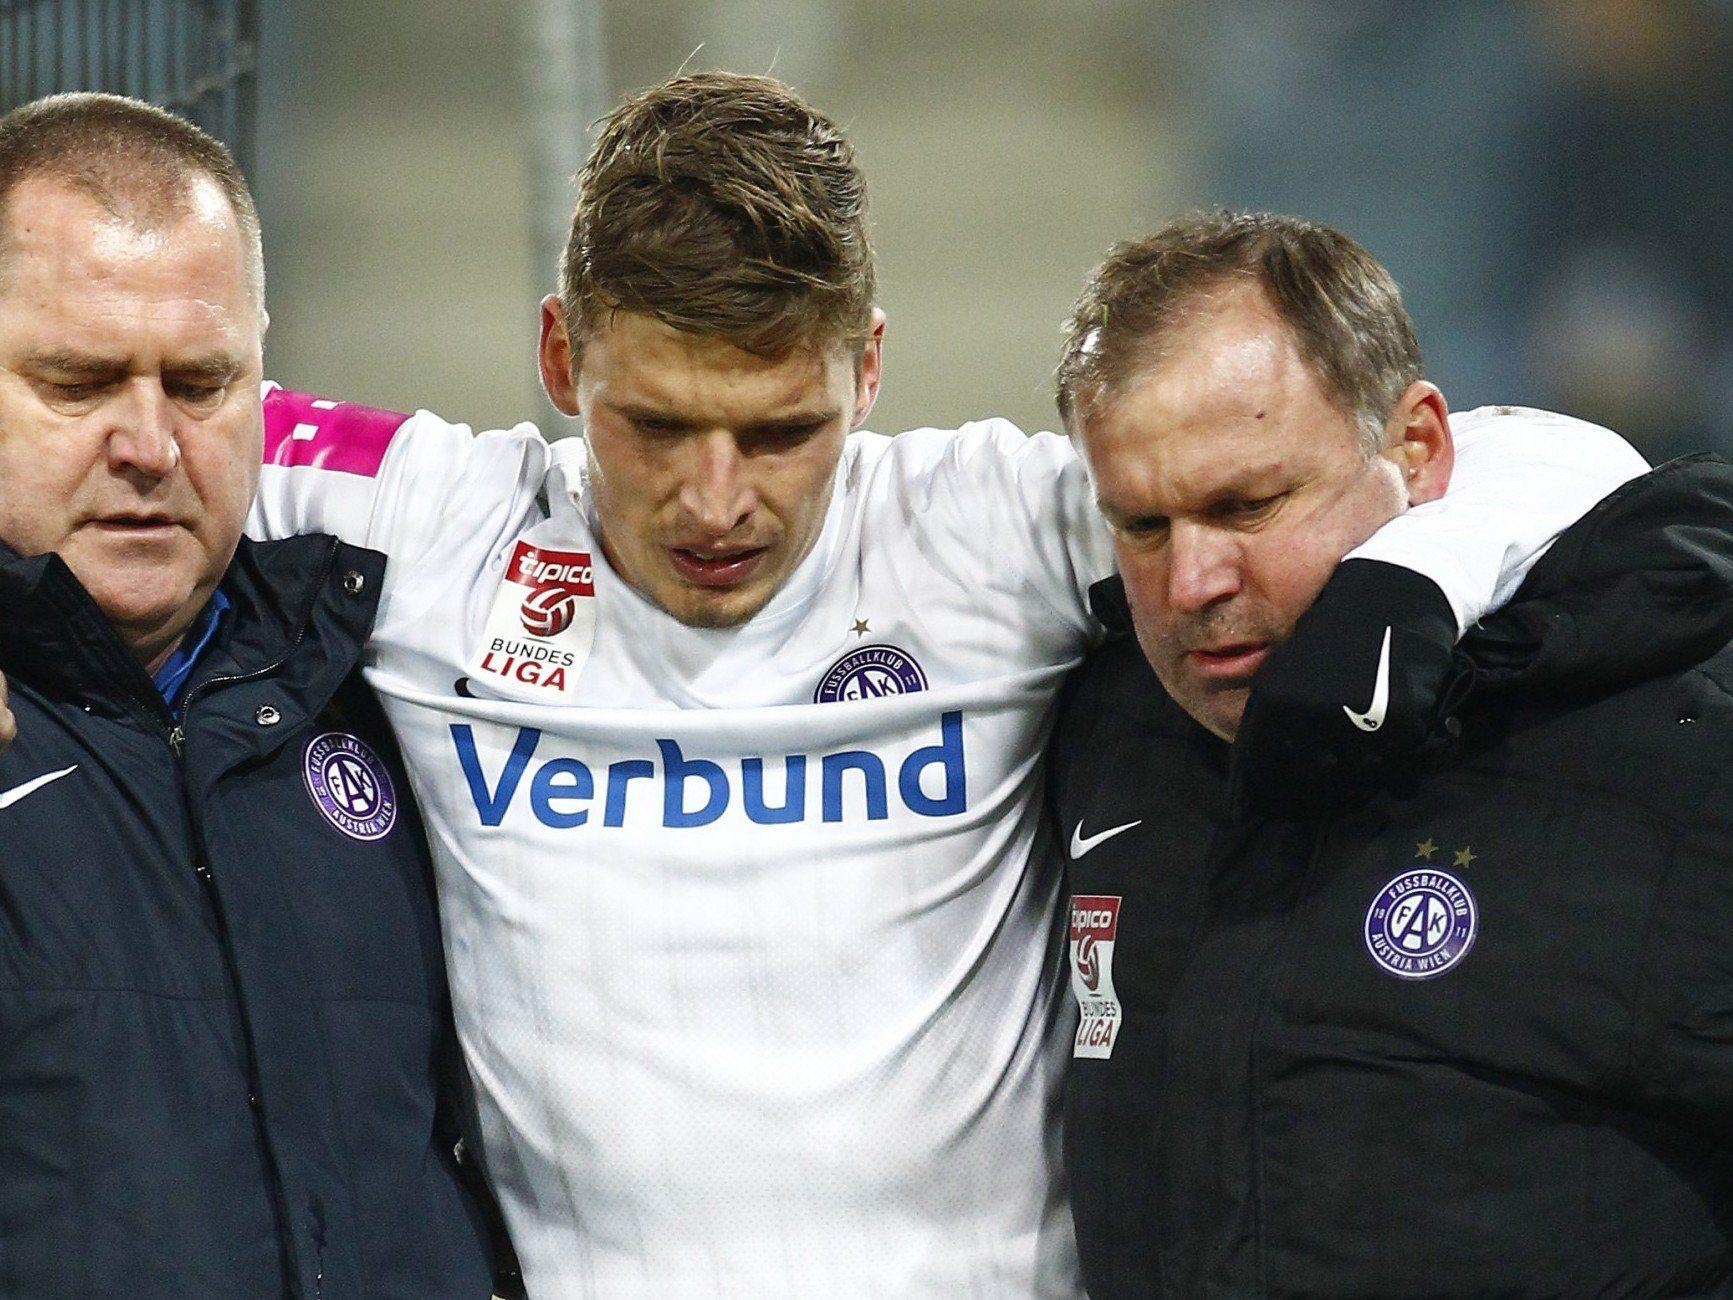 Dem verletzten Jens Stryger Larsen (Austria) muss vom Feld geholfen werden.